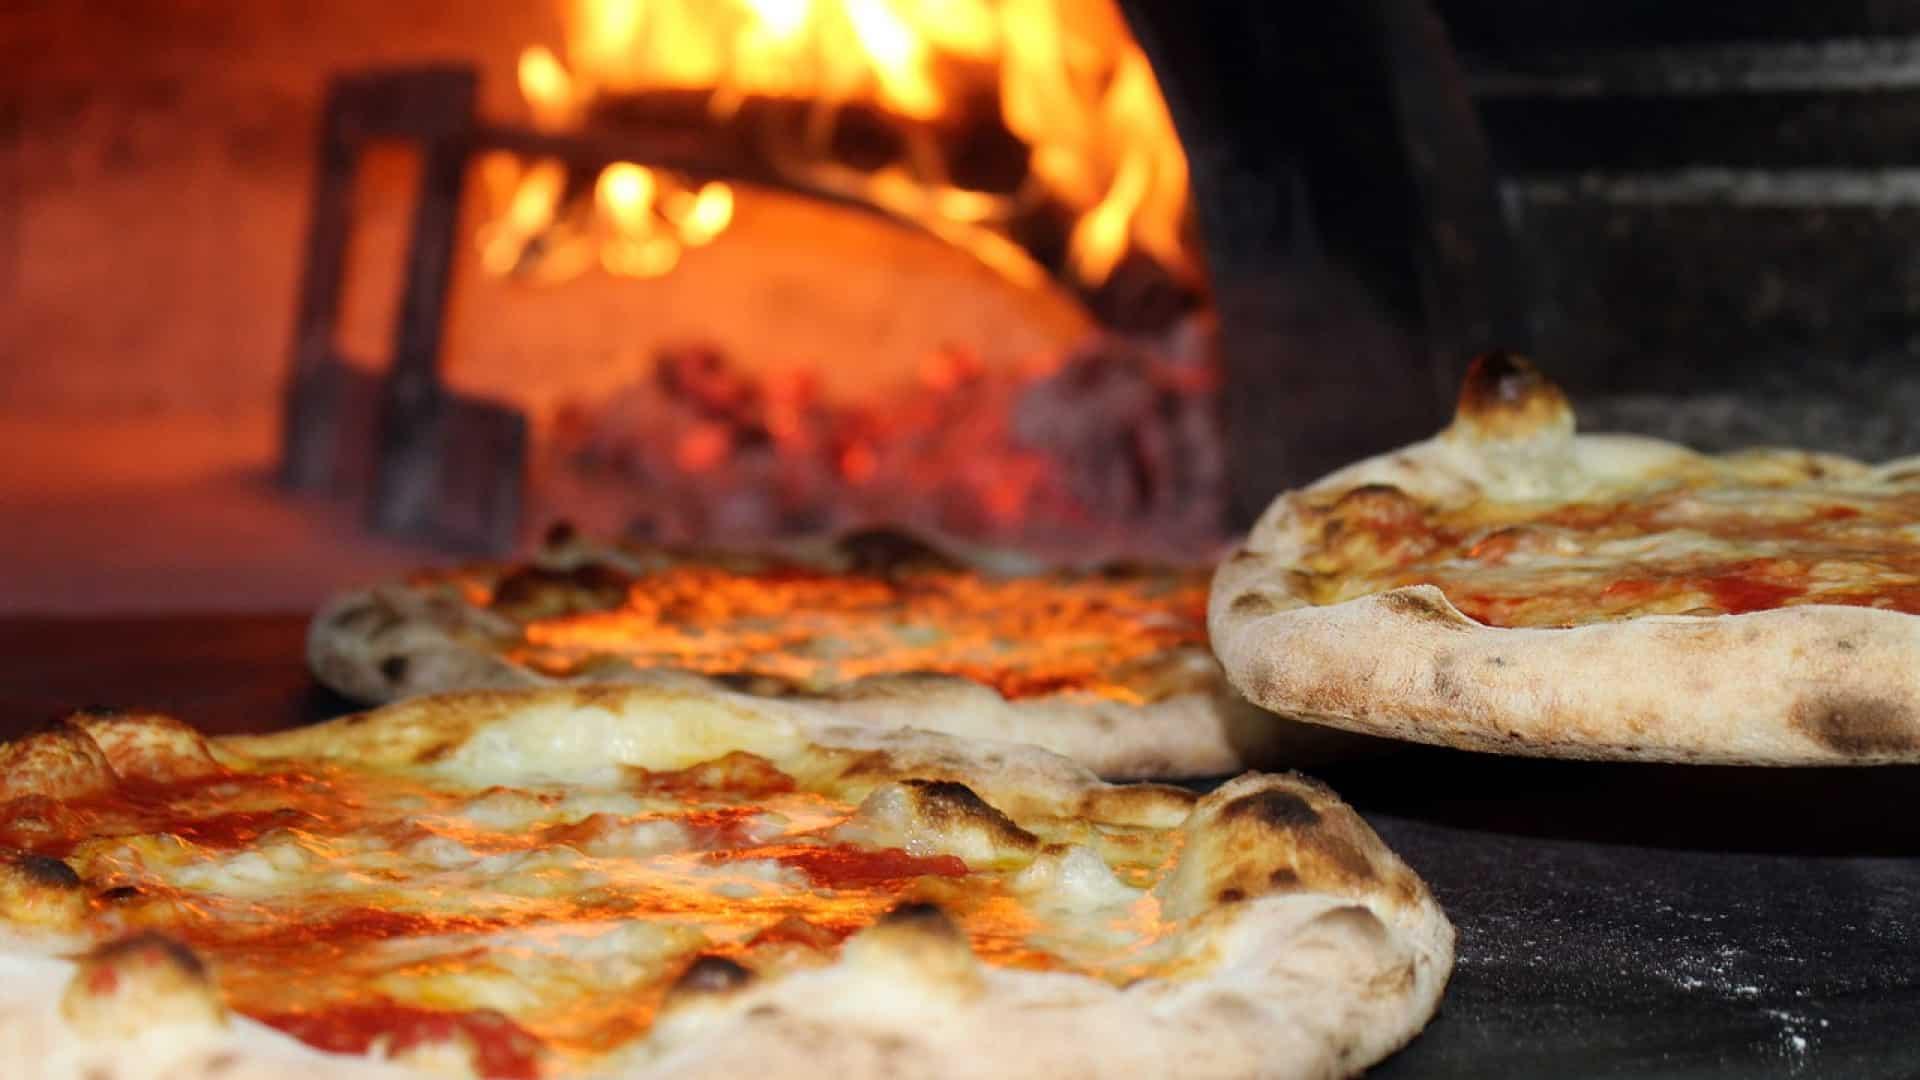 comment bien choisir son four pizza en bois blog de. Black Bedroom Furniture Sets. Home Design Ideas